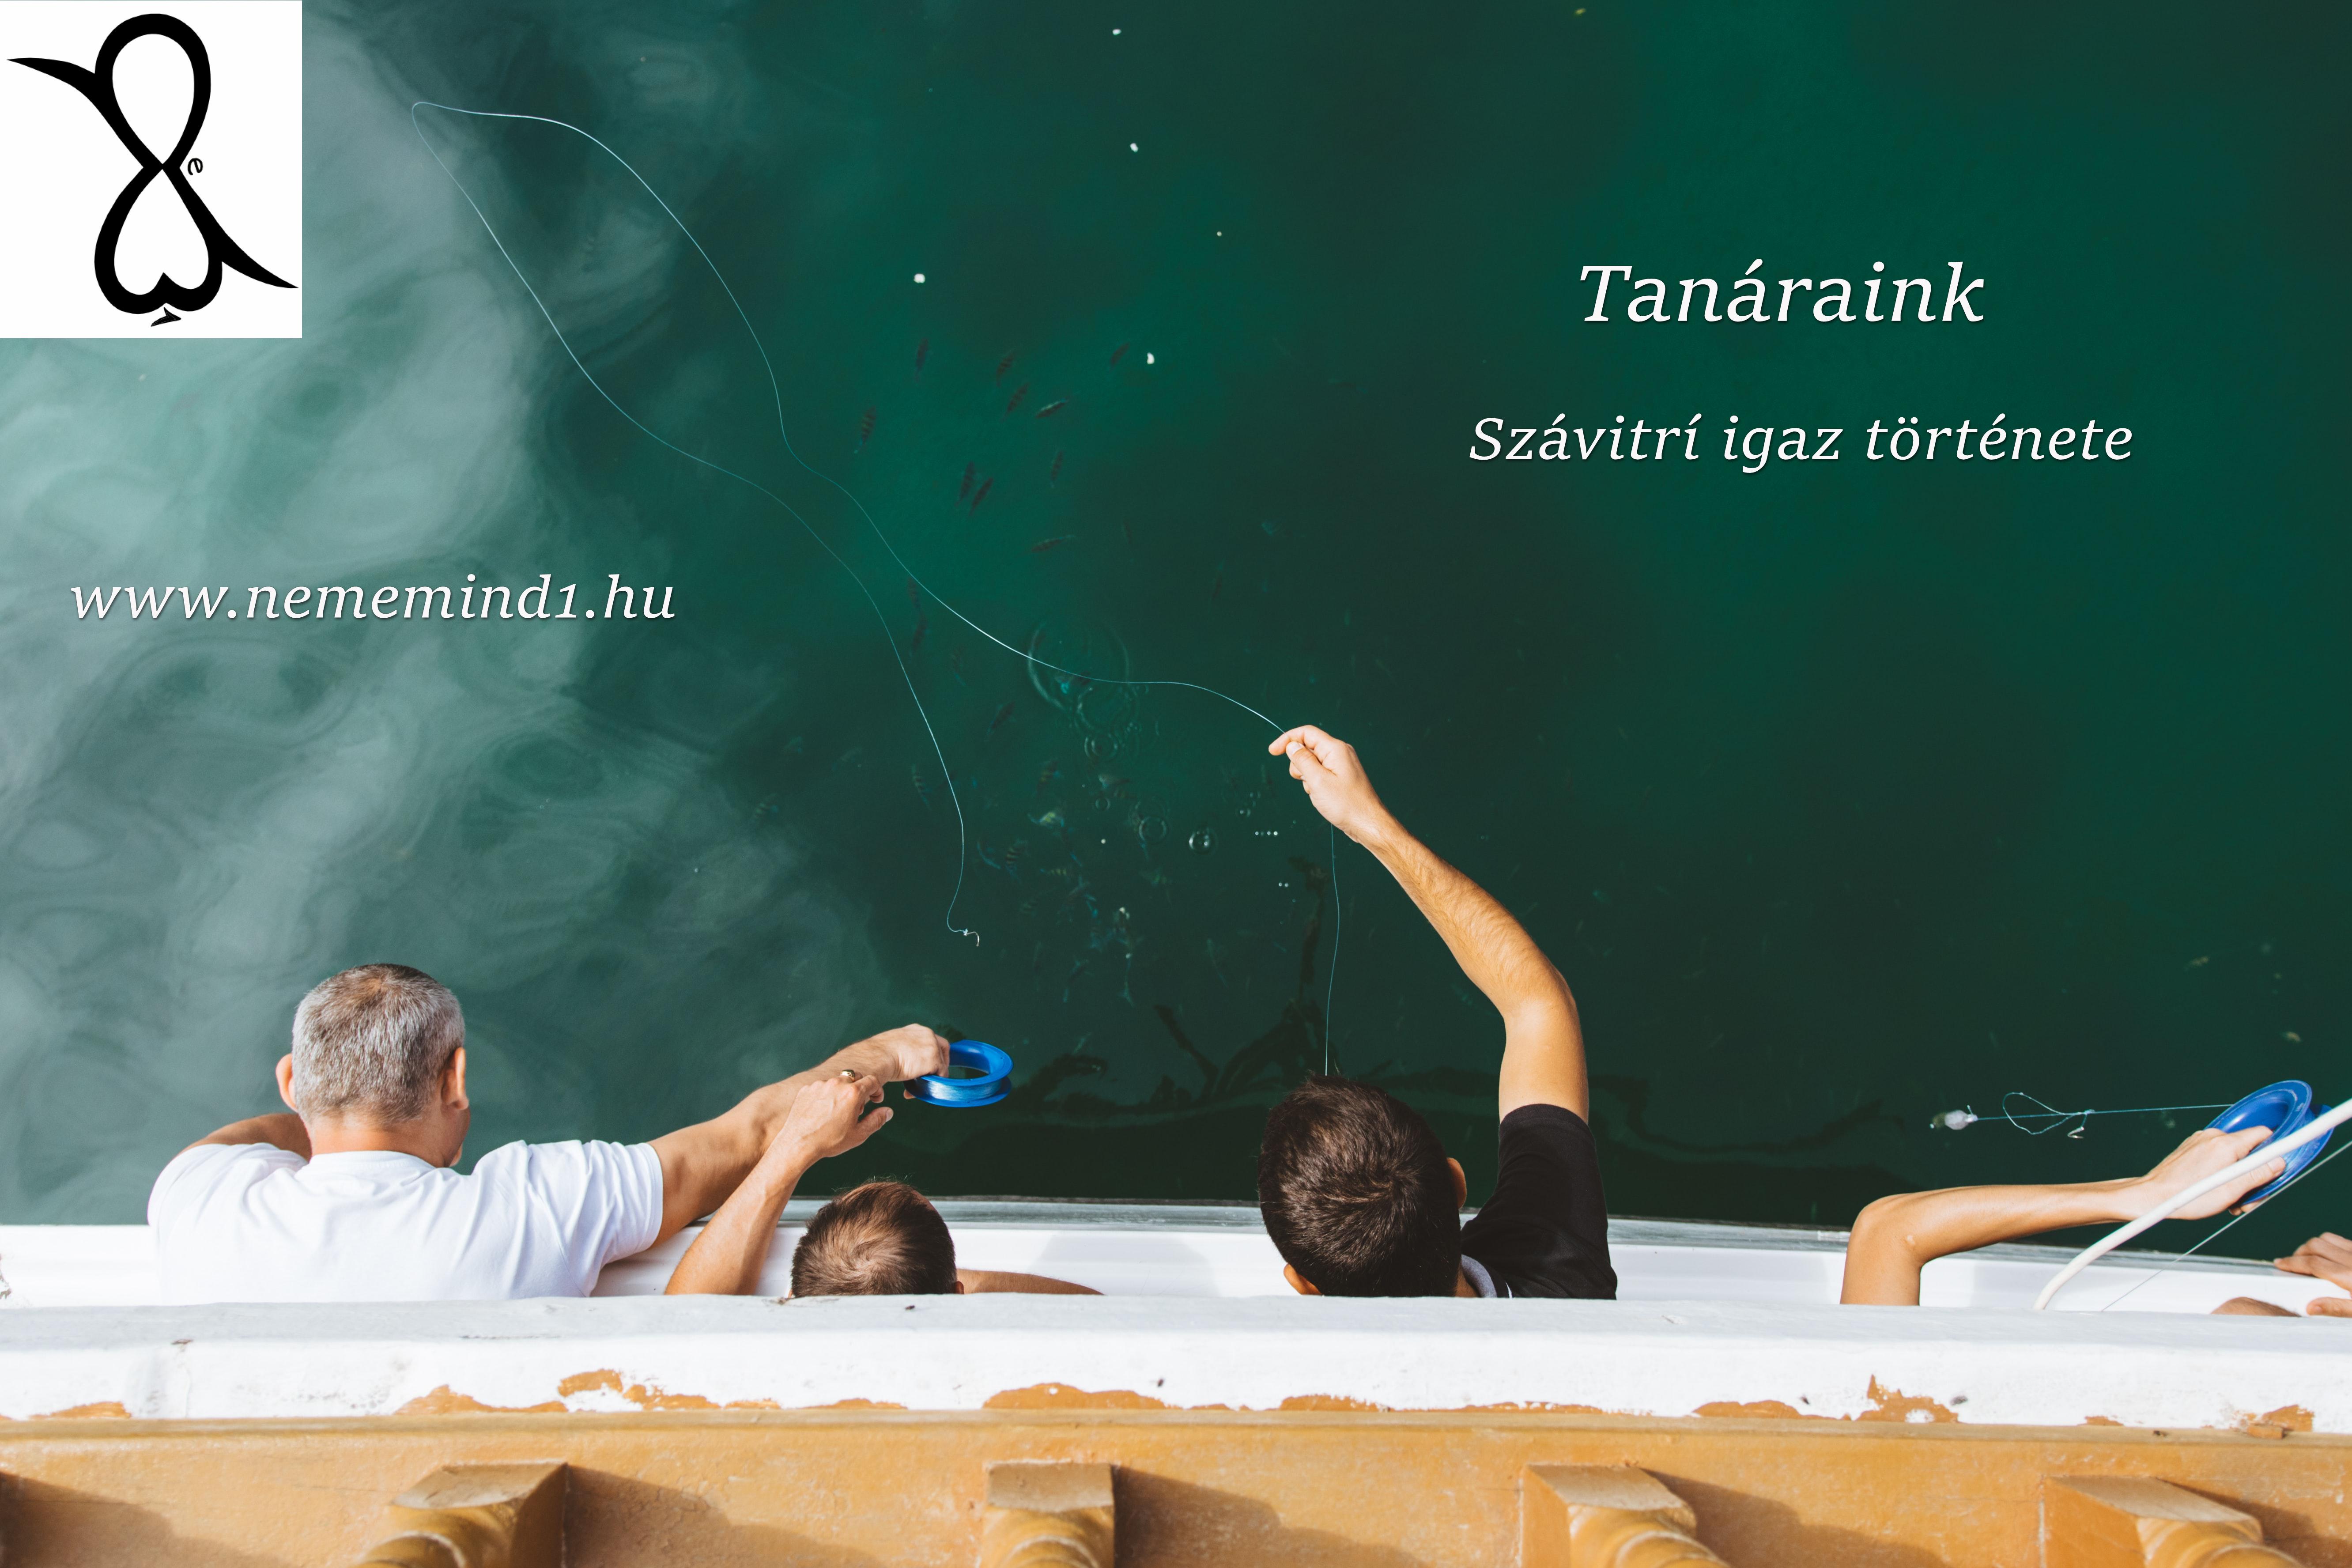 Tanáraink (Szávitrí igaz története)